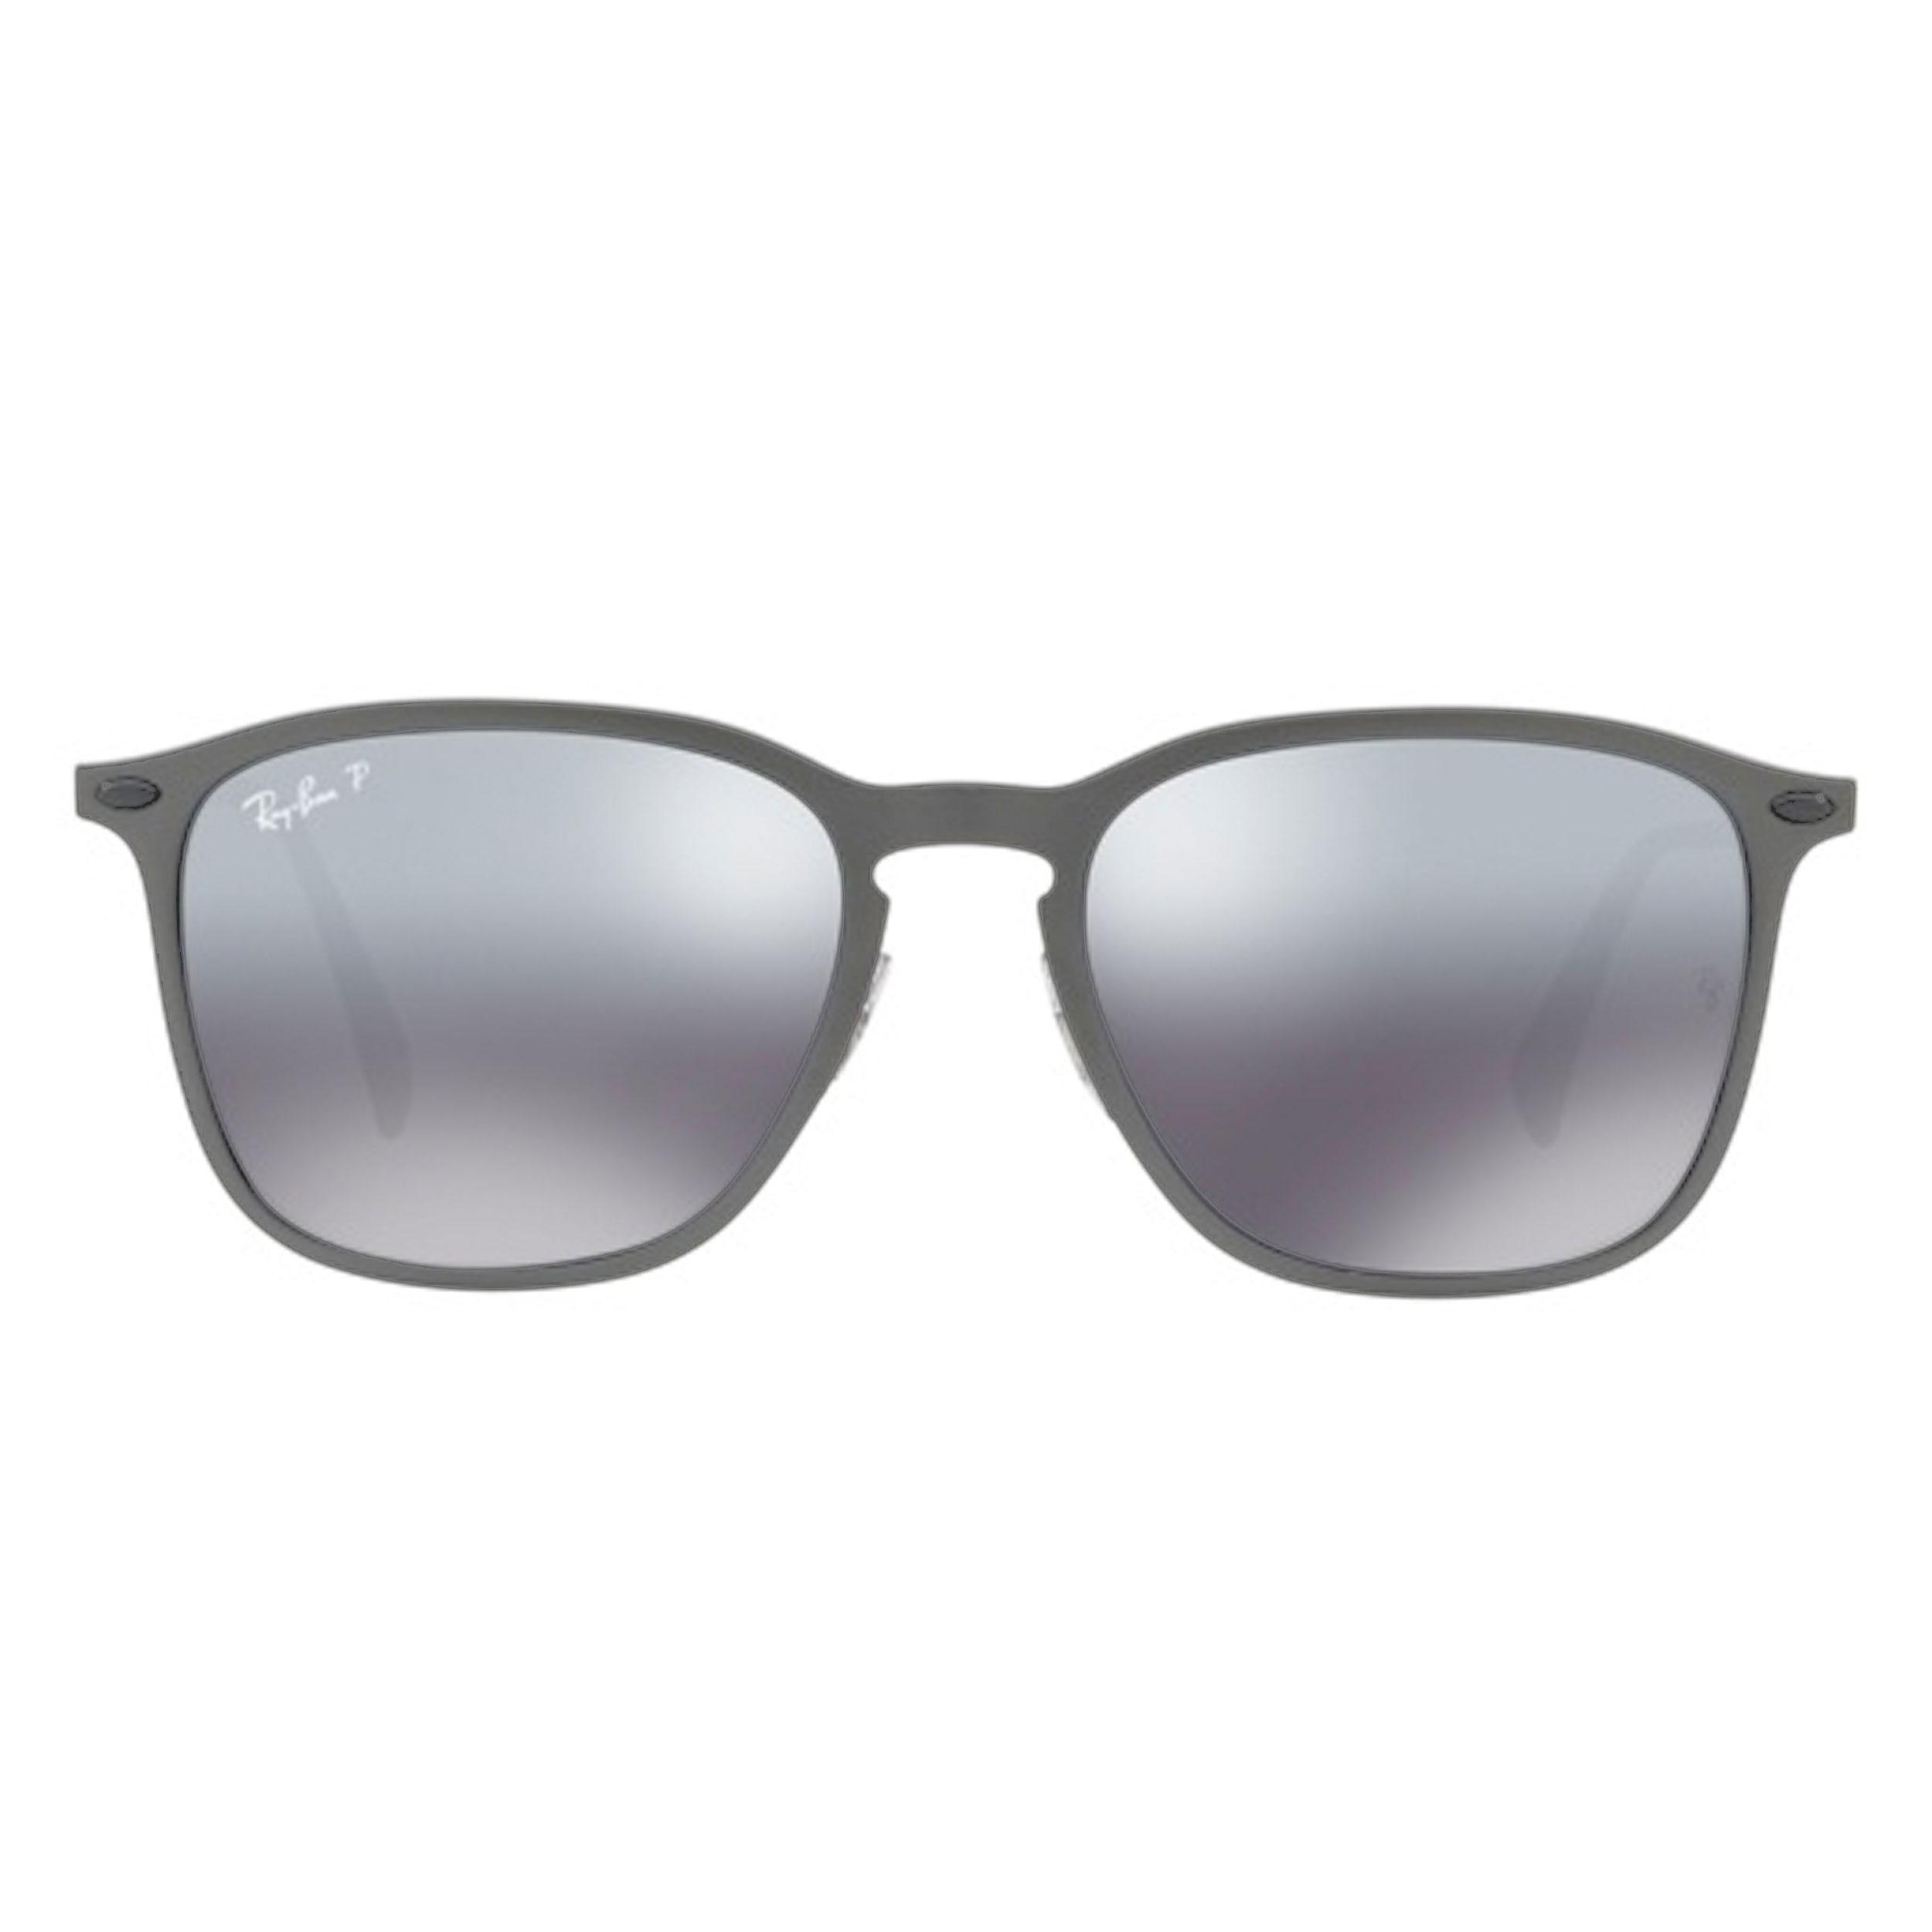 خرید                     عینک آفتابی ری بن مدل 8353S 635282 56